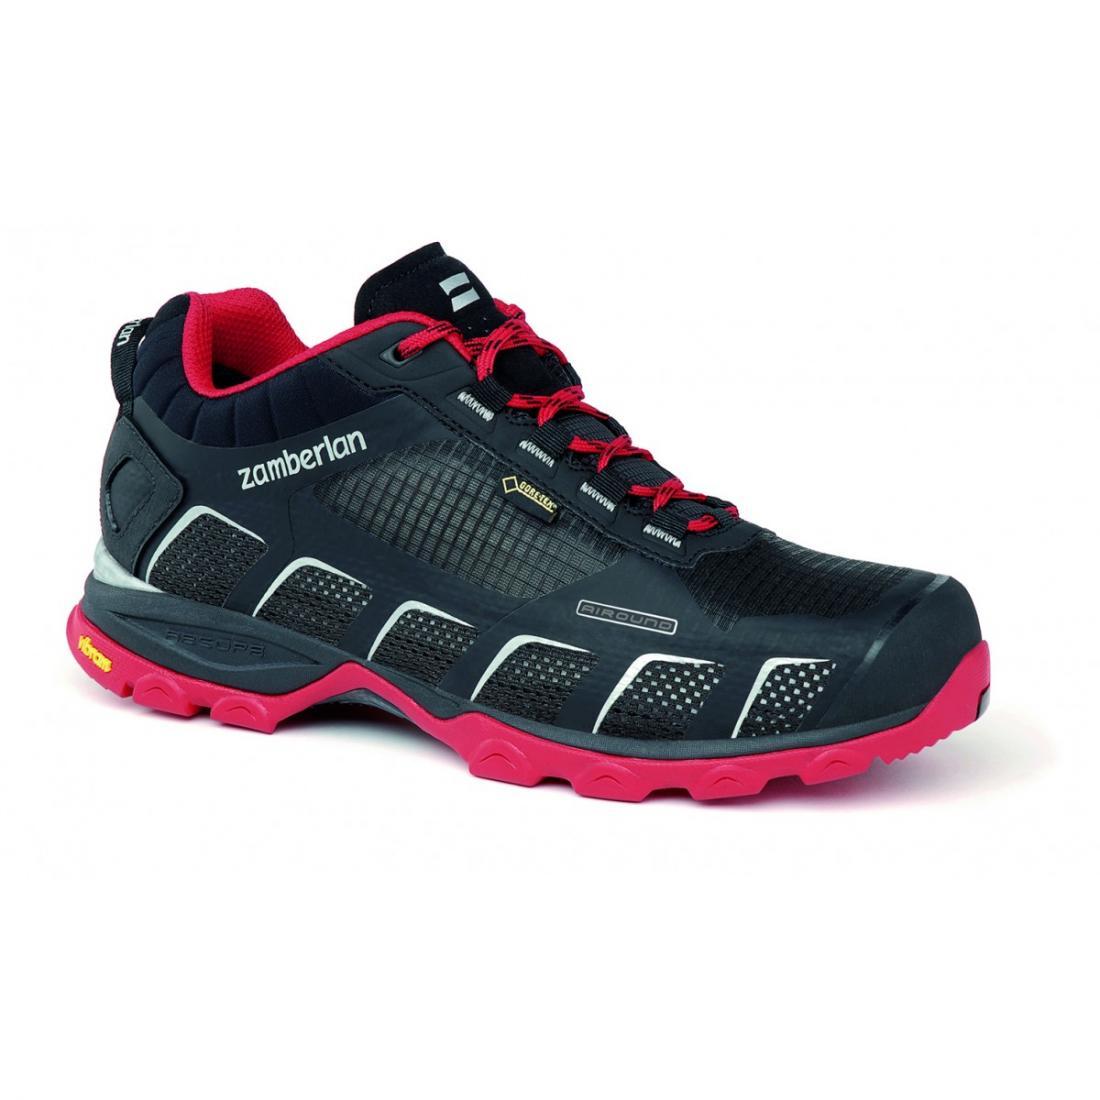 Кроссовки 132 AIR-ROUND GTX RRХайкинговые<br>Стильные ботинки средней высоты для легкого и уверенного движения по горным тропам. Комфортная посадка этих ботинок усовершенствована за счет эксклюзивной внешней подошвы Zamberlan® Vibram® Speed Hiking Lite, которая позволяет максимально эффективно де...<br><br>Цвет: Черный<br>Размер: 41